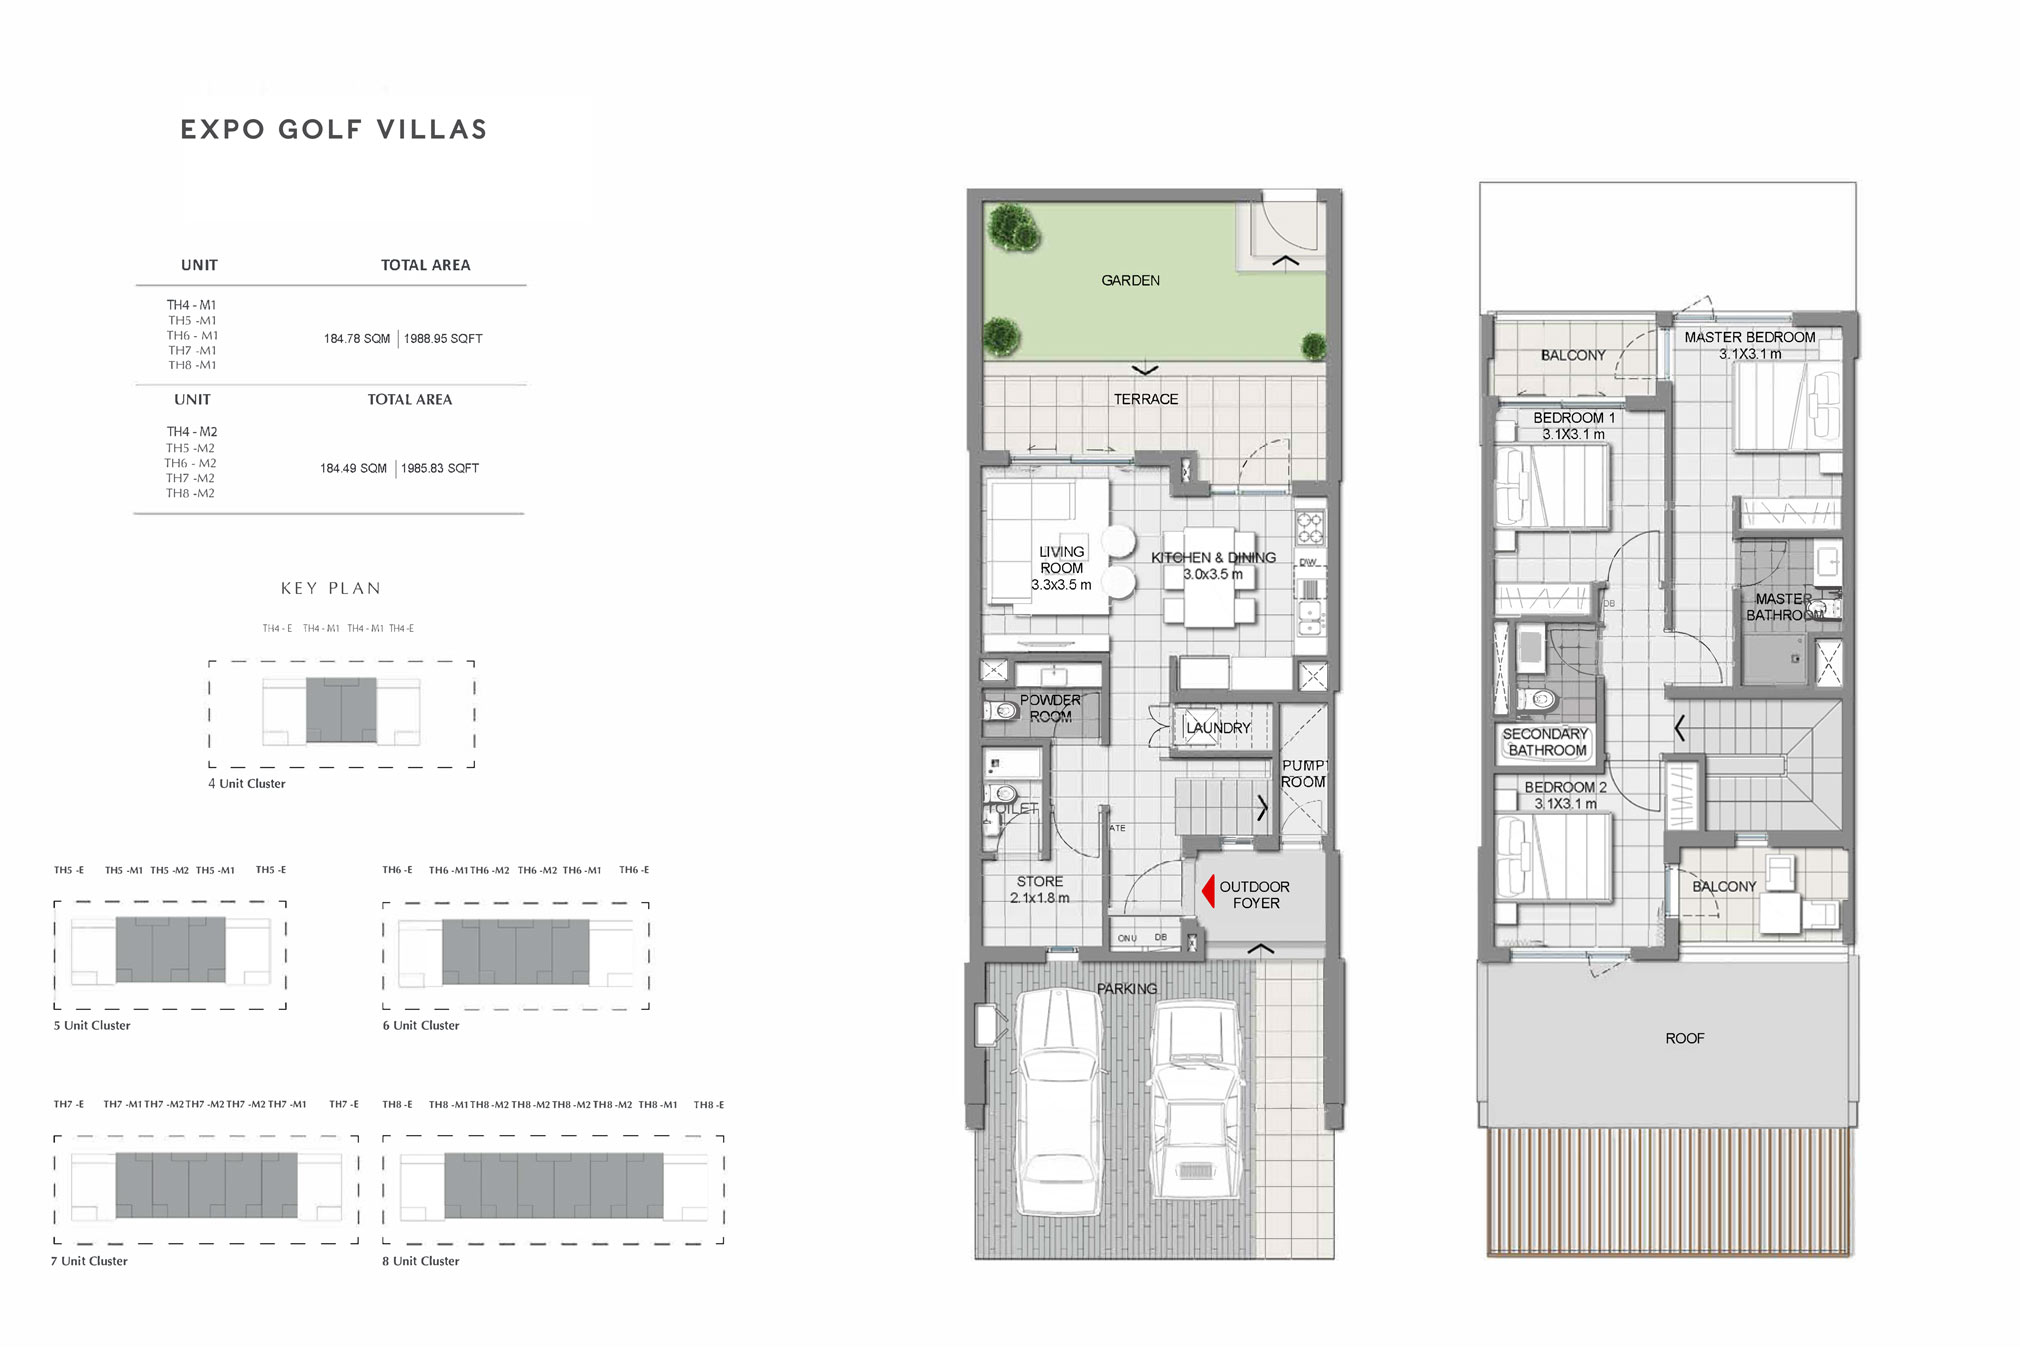 3 Bedroom - Sizes: 1,985 - 1,992 Sq Ft